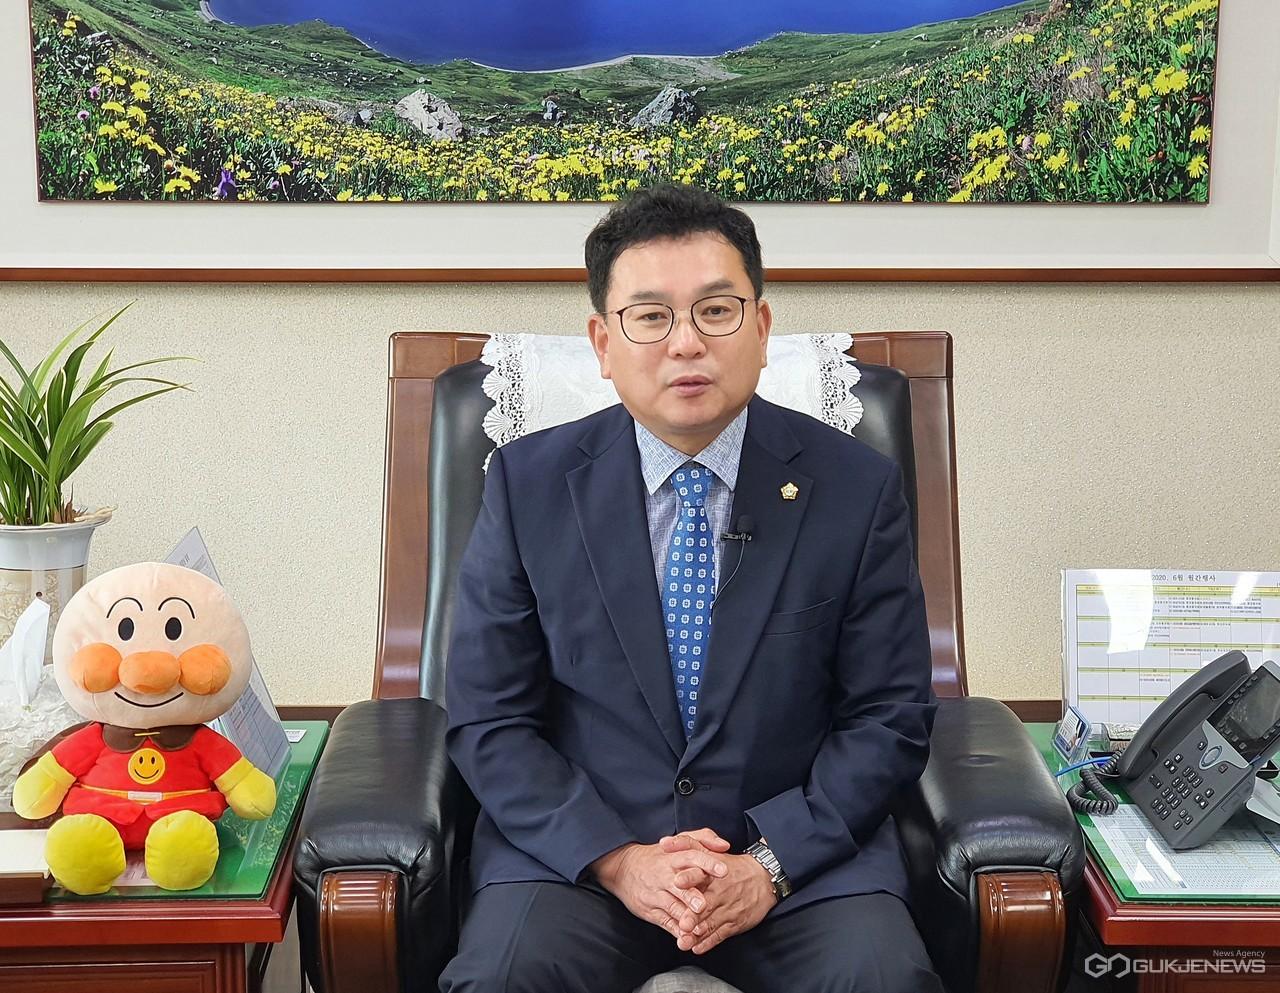 대전서구의회 김창관 의장이 2일 서구의회 의장실에서 인터뷰를 하고 있다./이규성 기자